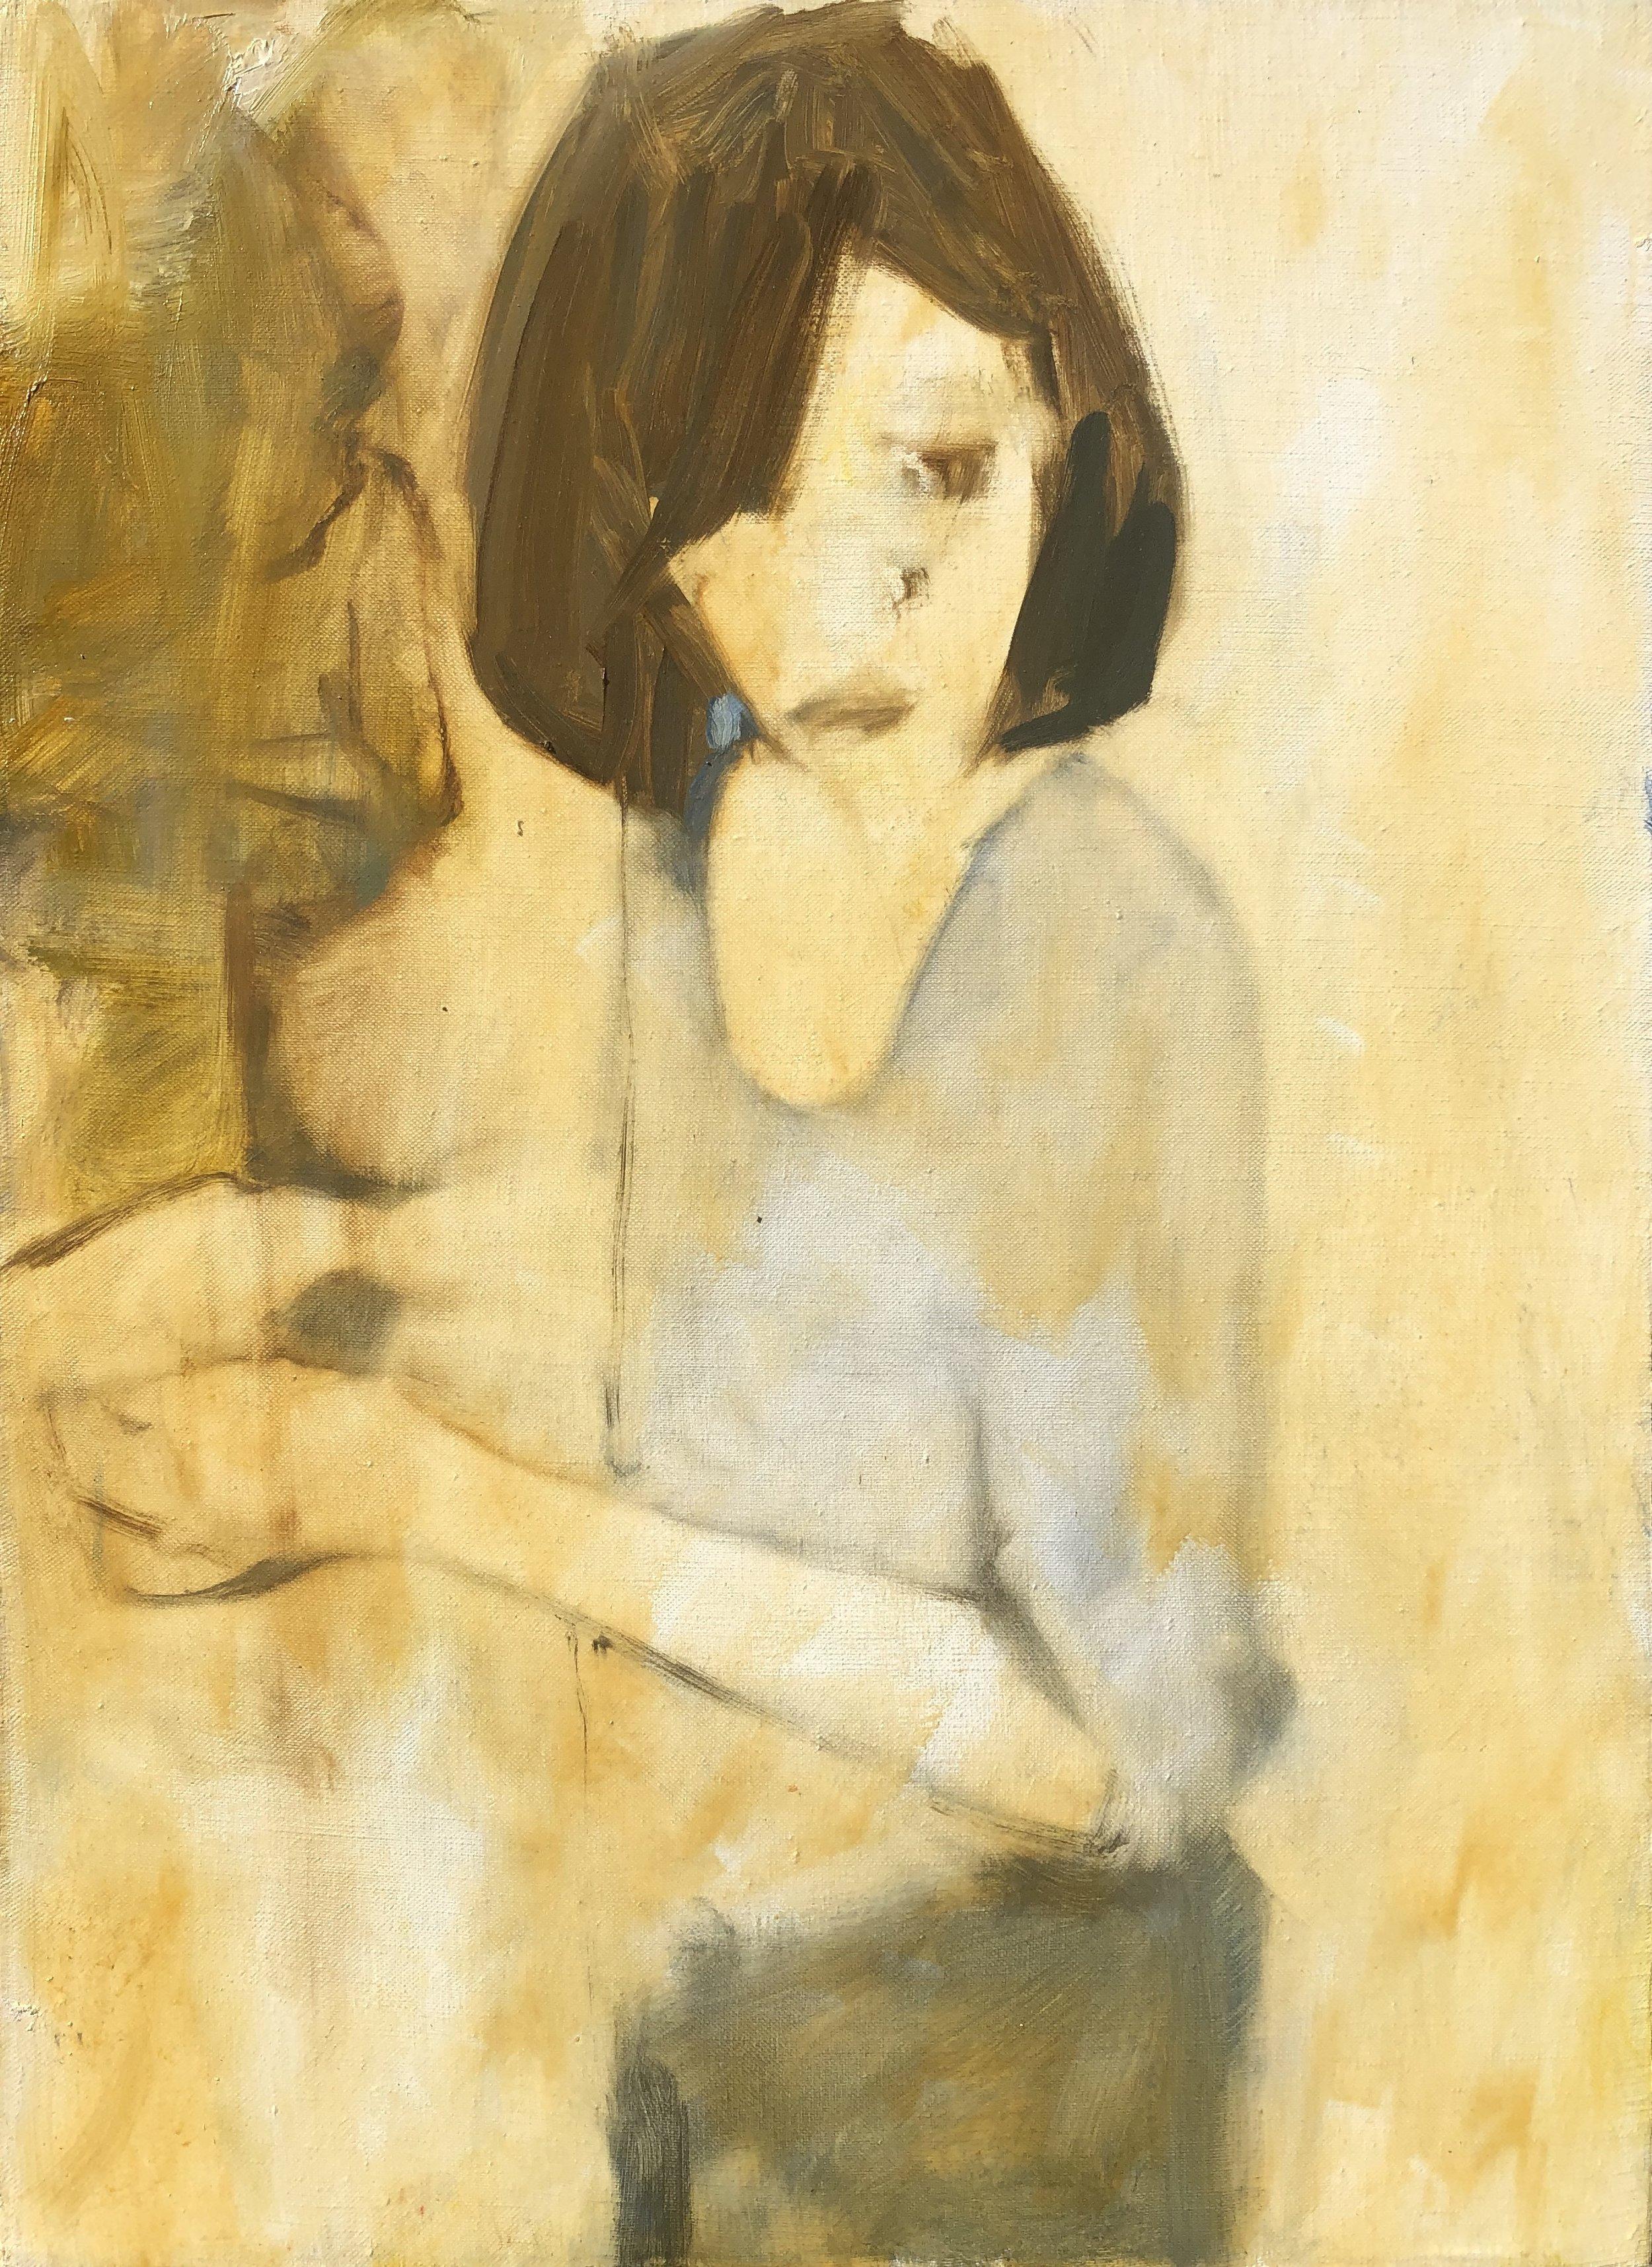 Asami at Sink (30x22)